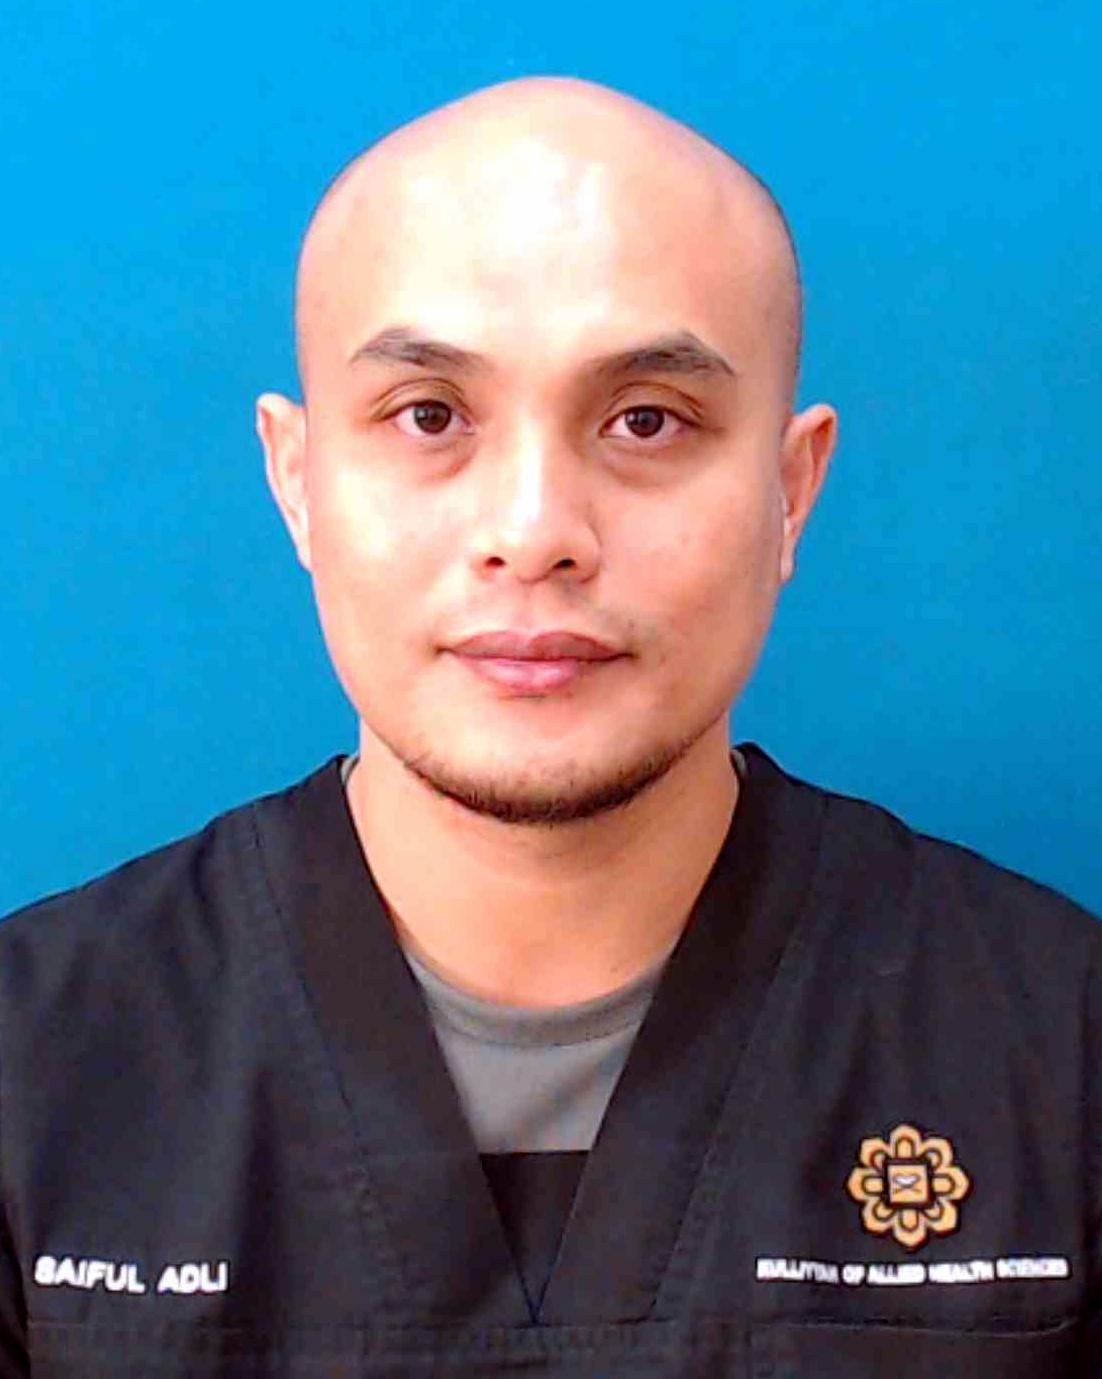 Saiful Adli Bin Jamaluddin